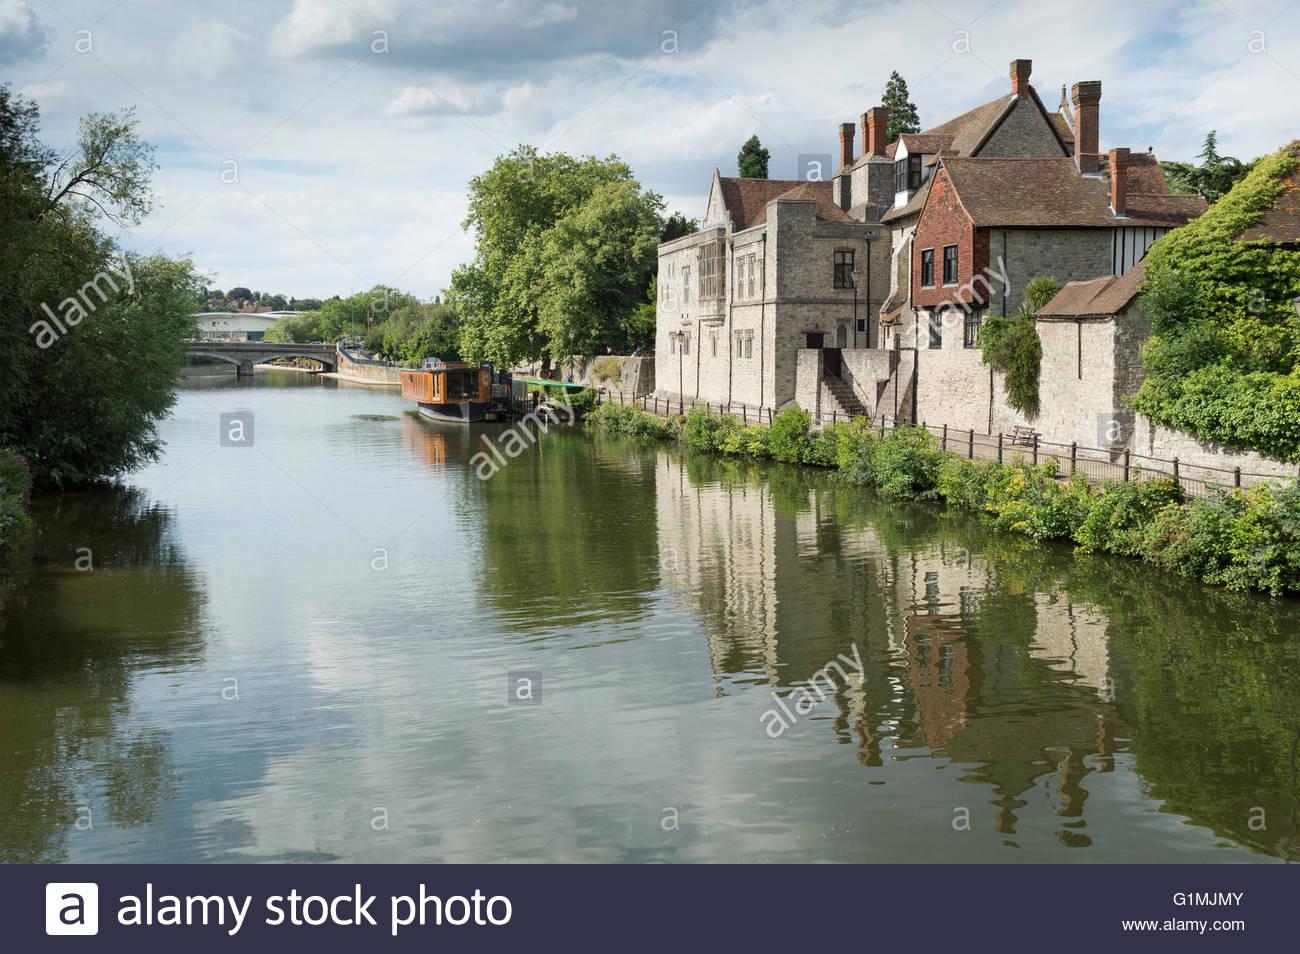 Ver a lo largo del río Medway en Maidstone a la orilla opuesta, mostrando el reflejo en el agua Imagen De Stock